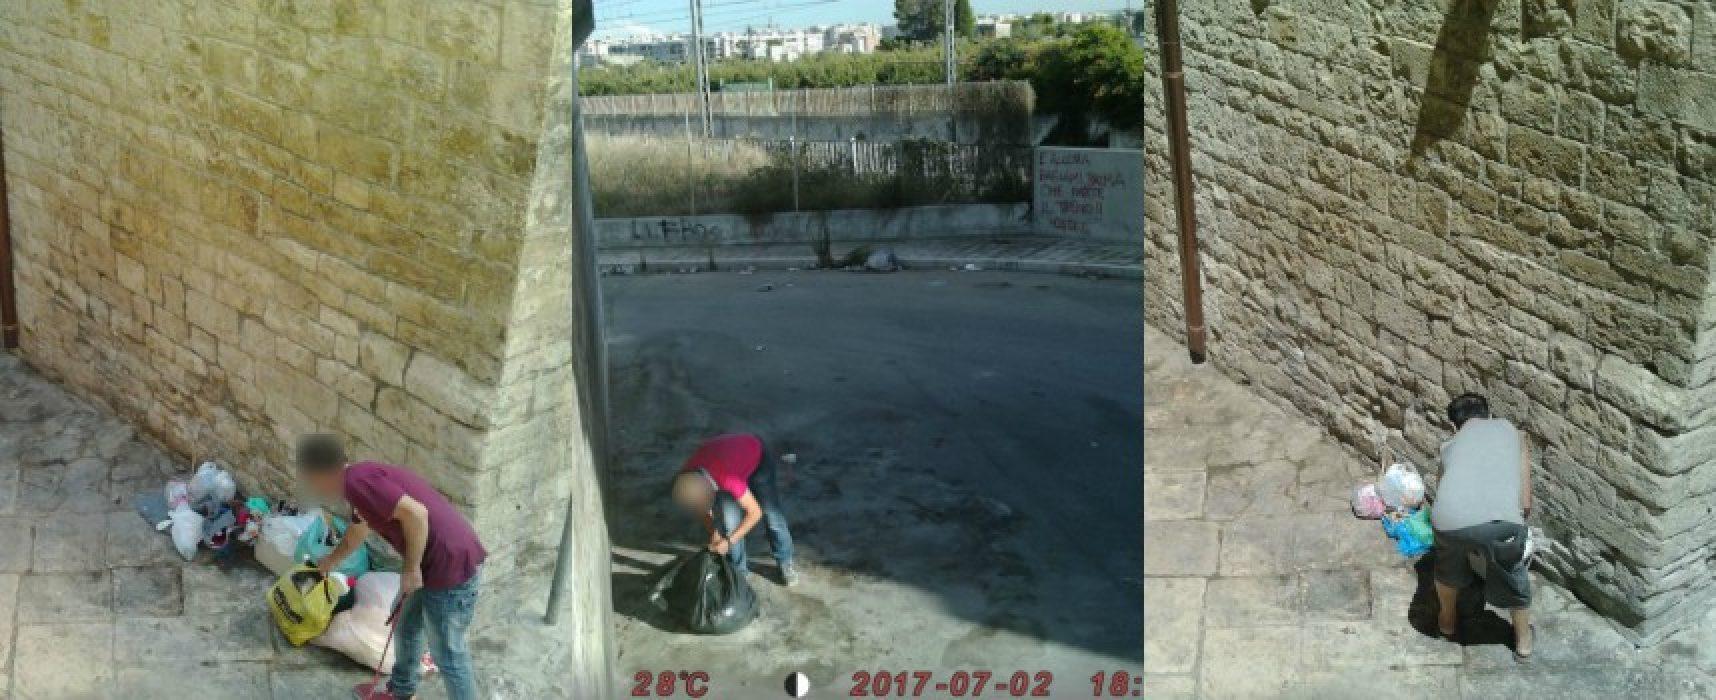 Rifiuti gettati in strada, fototrappole immortalano altri sporcaccioni /FOTO